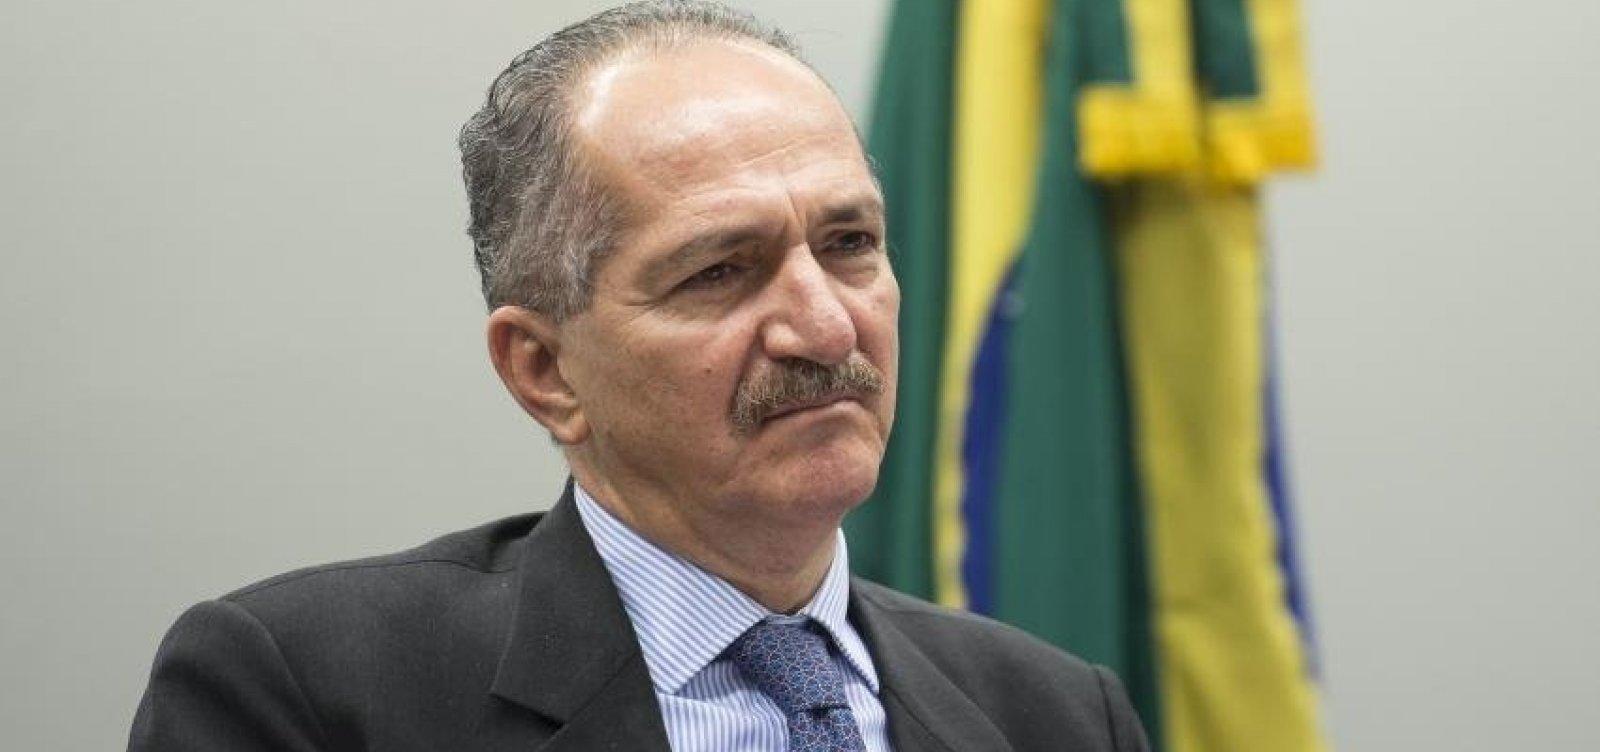 Assim como militar que ataca, Olavo de Carvalho também já elogiou Aldo Rebelo